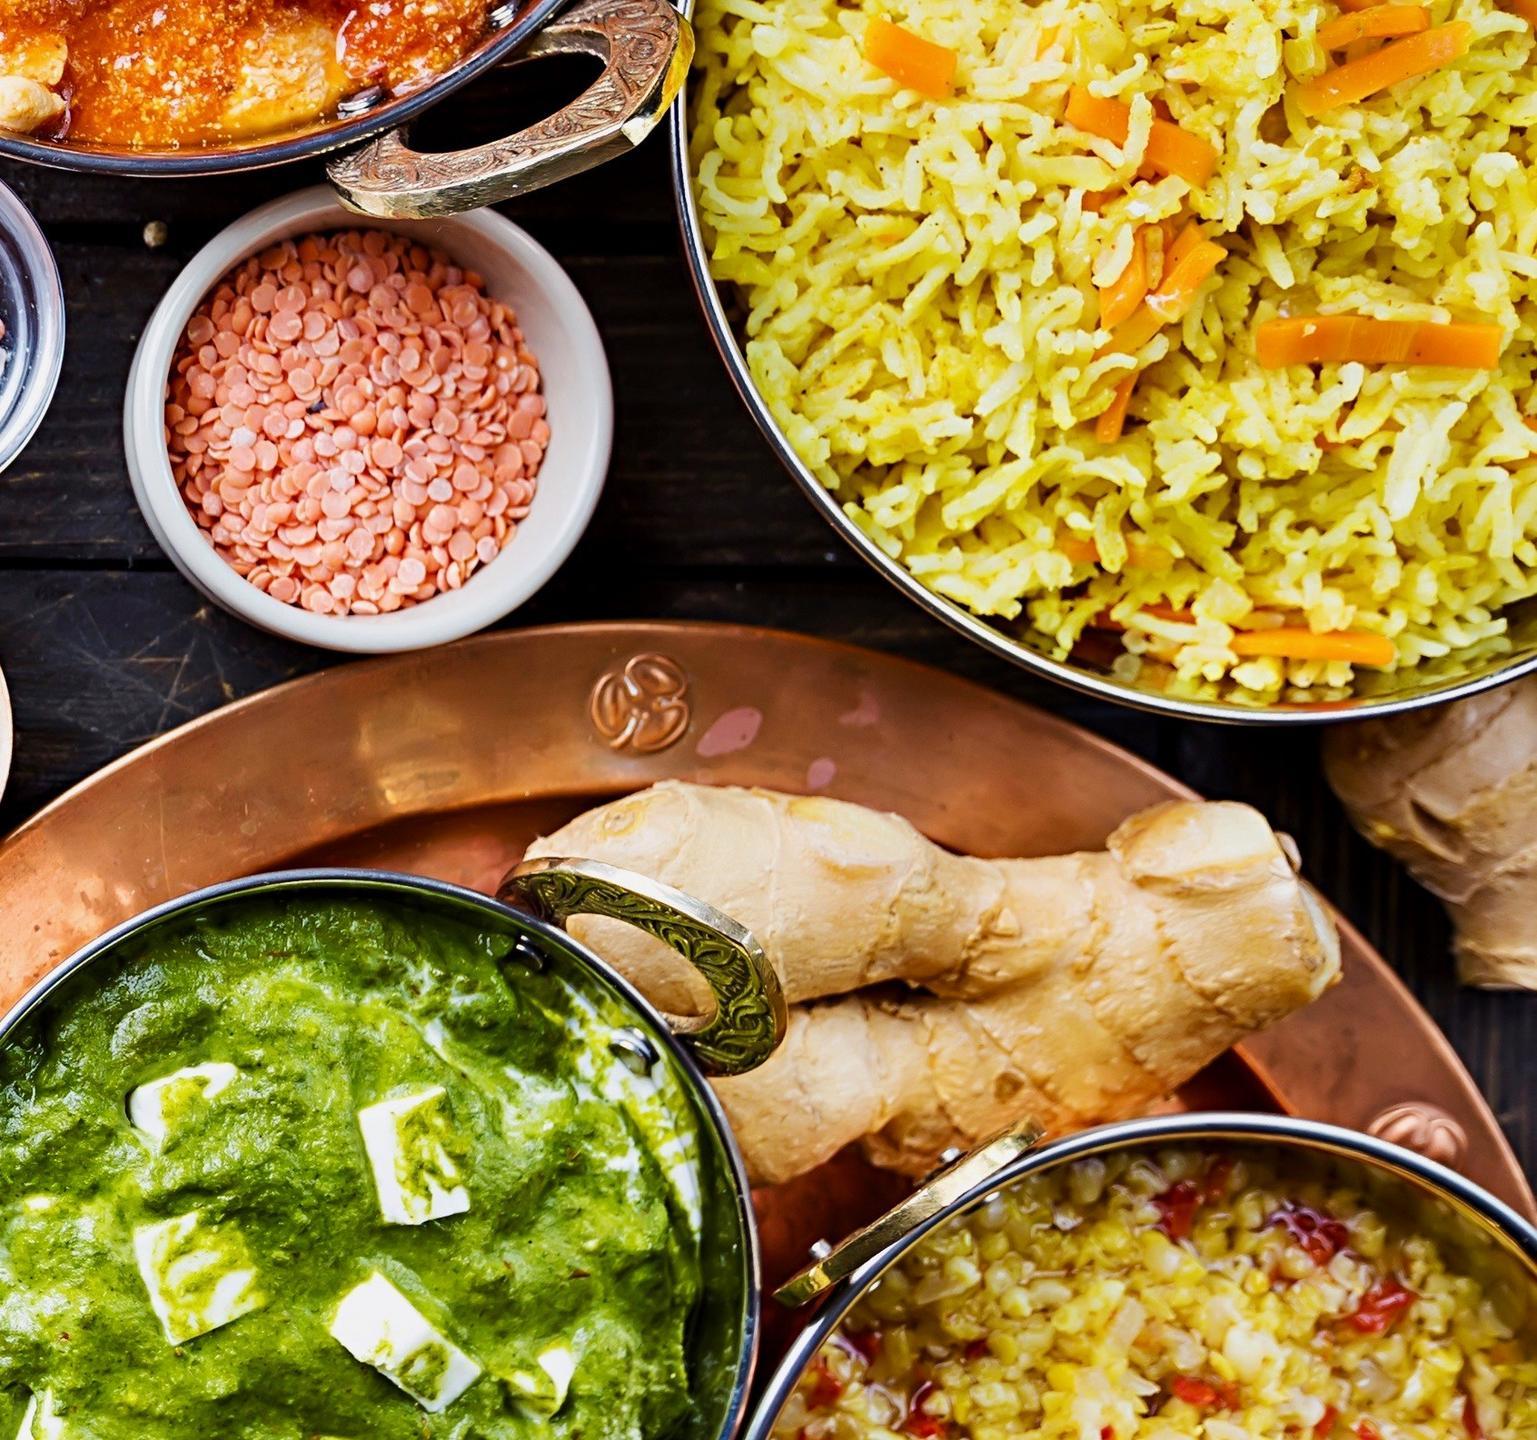 Indian Food assortment